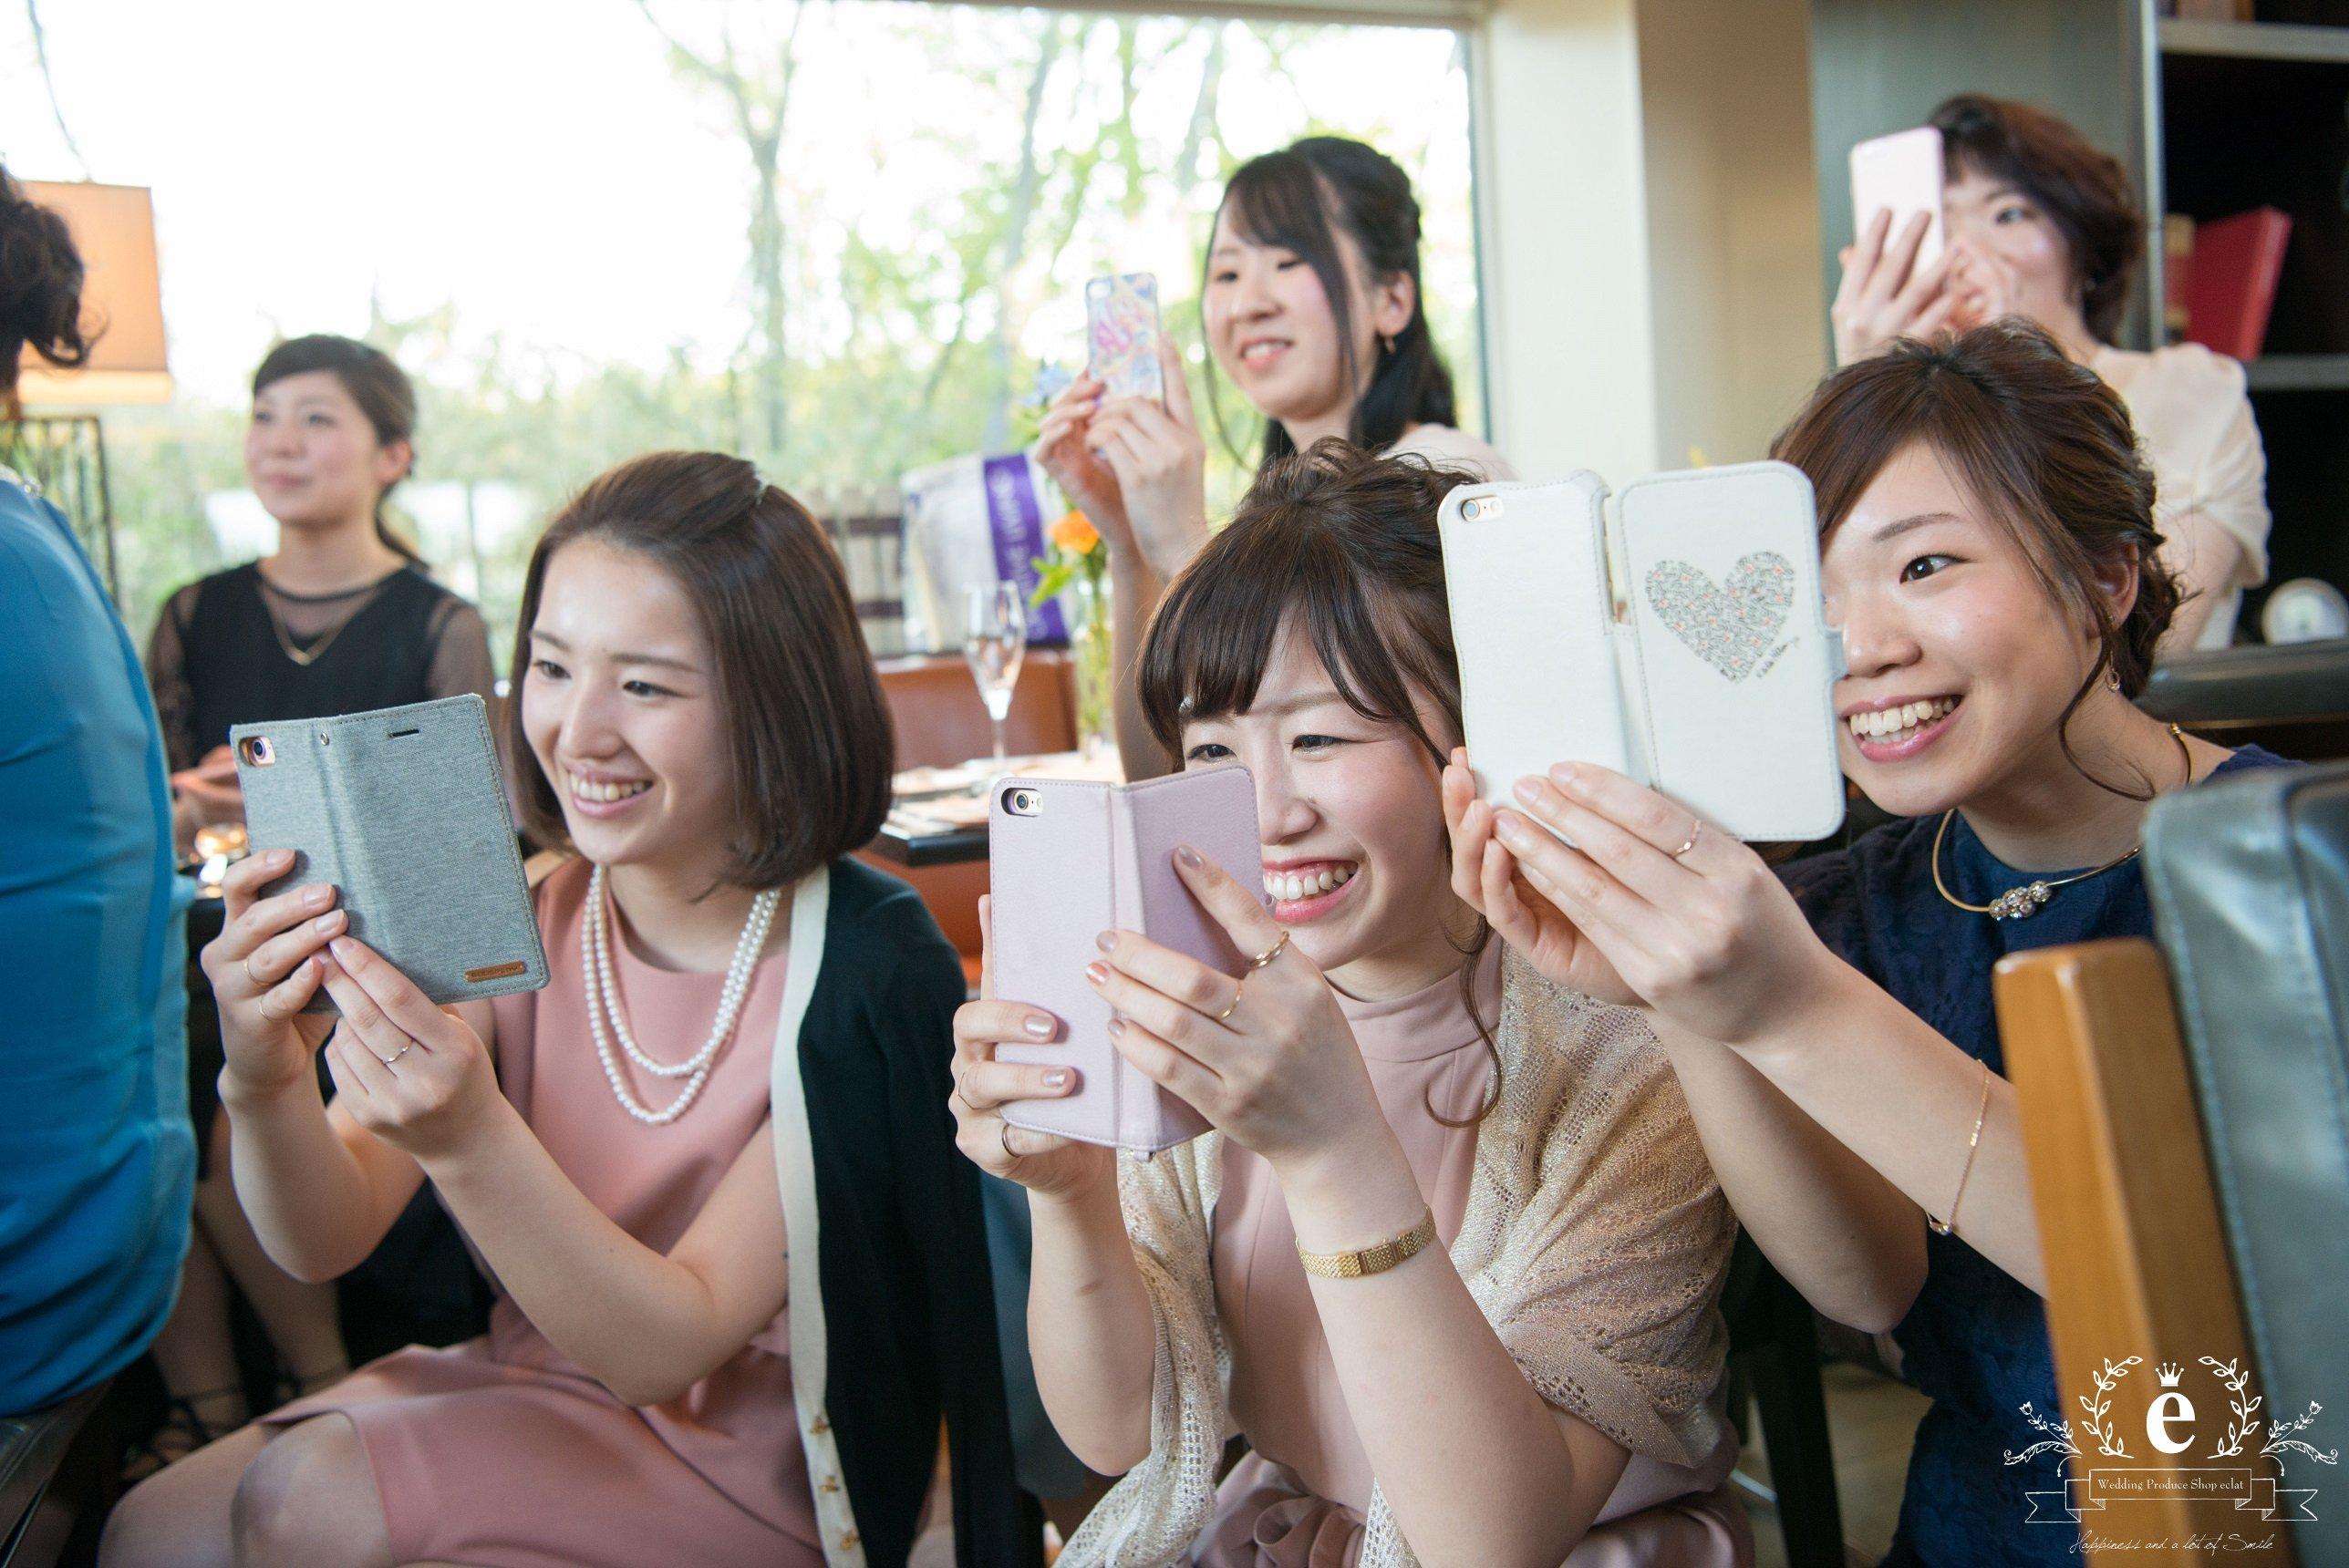 水戸-茨城-つくば-結婚式-COLK-ウェディングパーティー-レストラン-1.5次会-会費-エクラ-カジュアル-友人-二部制